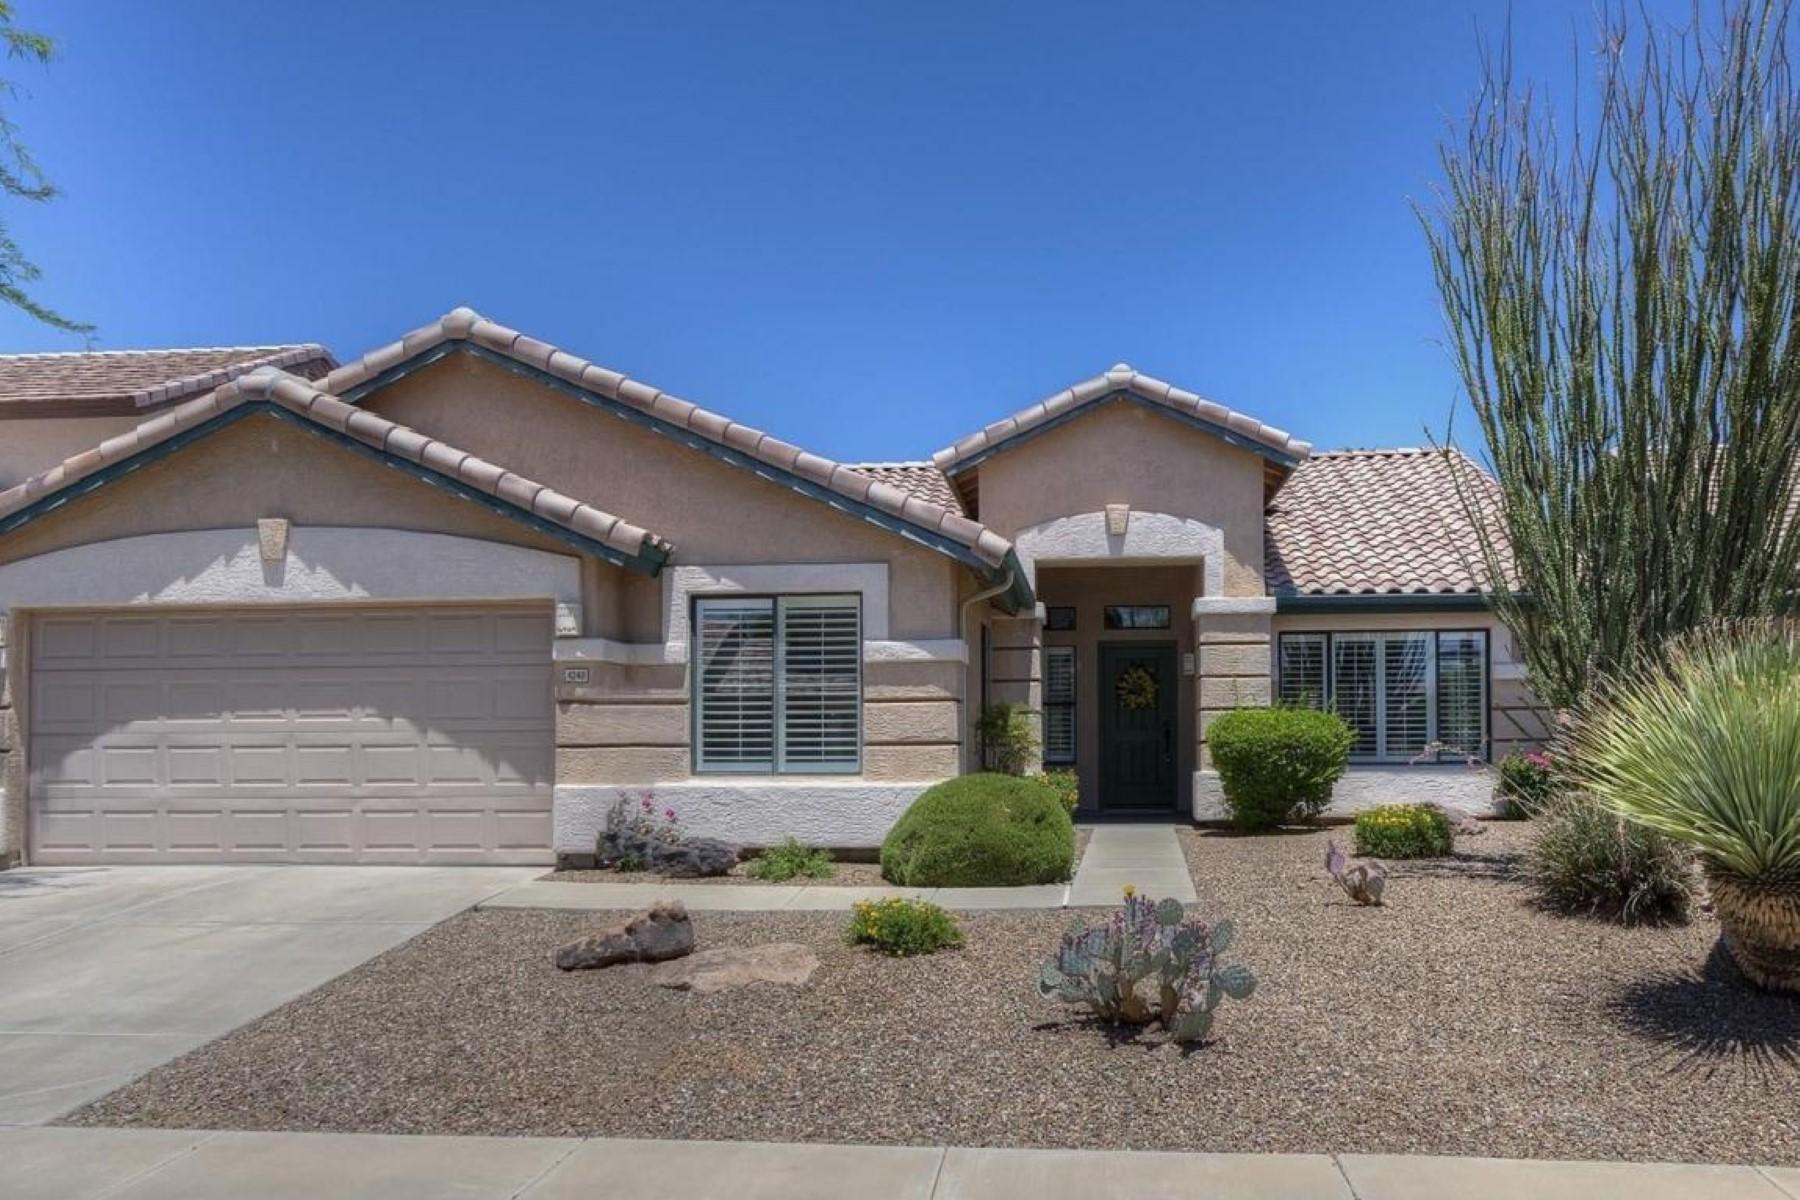 Частный односемейный дом для того Продажа на Expansive light and bright single story home 4240 E Coolbrook Ave Phoenix, Аризона, 85032 Соединенные Штаты